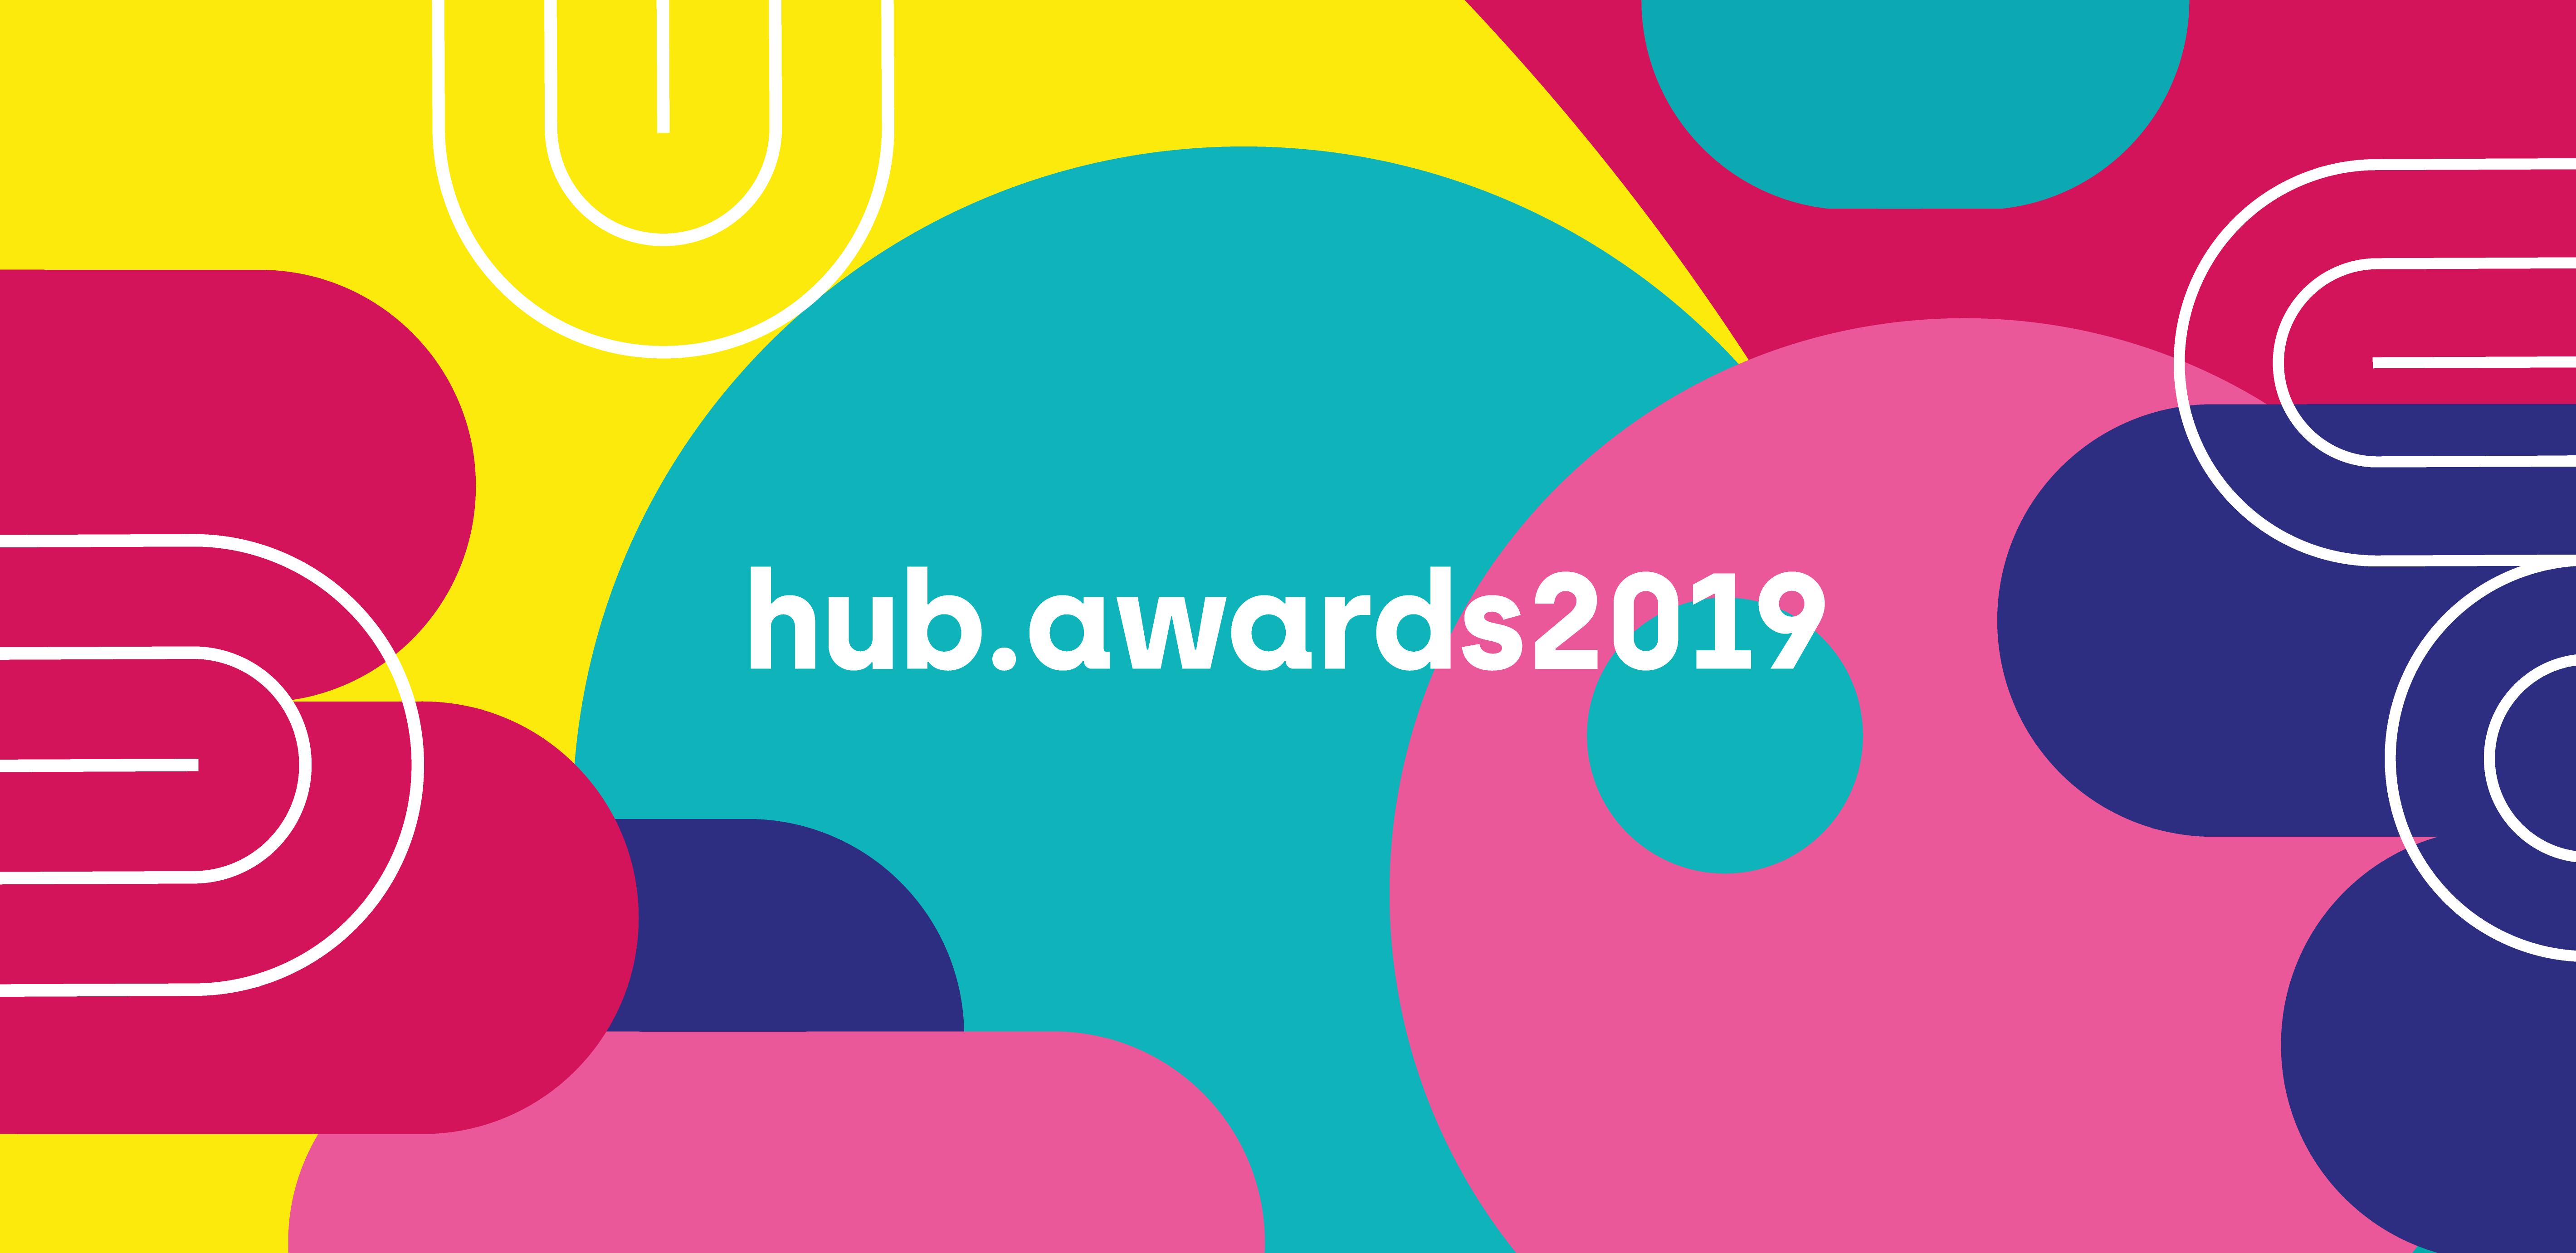 hub.awards2019: les entreprises lauréates sont connues!